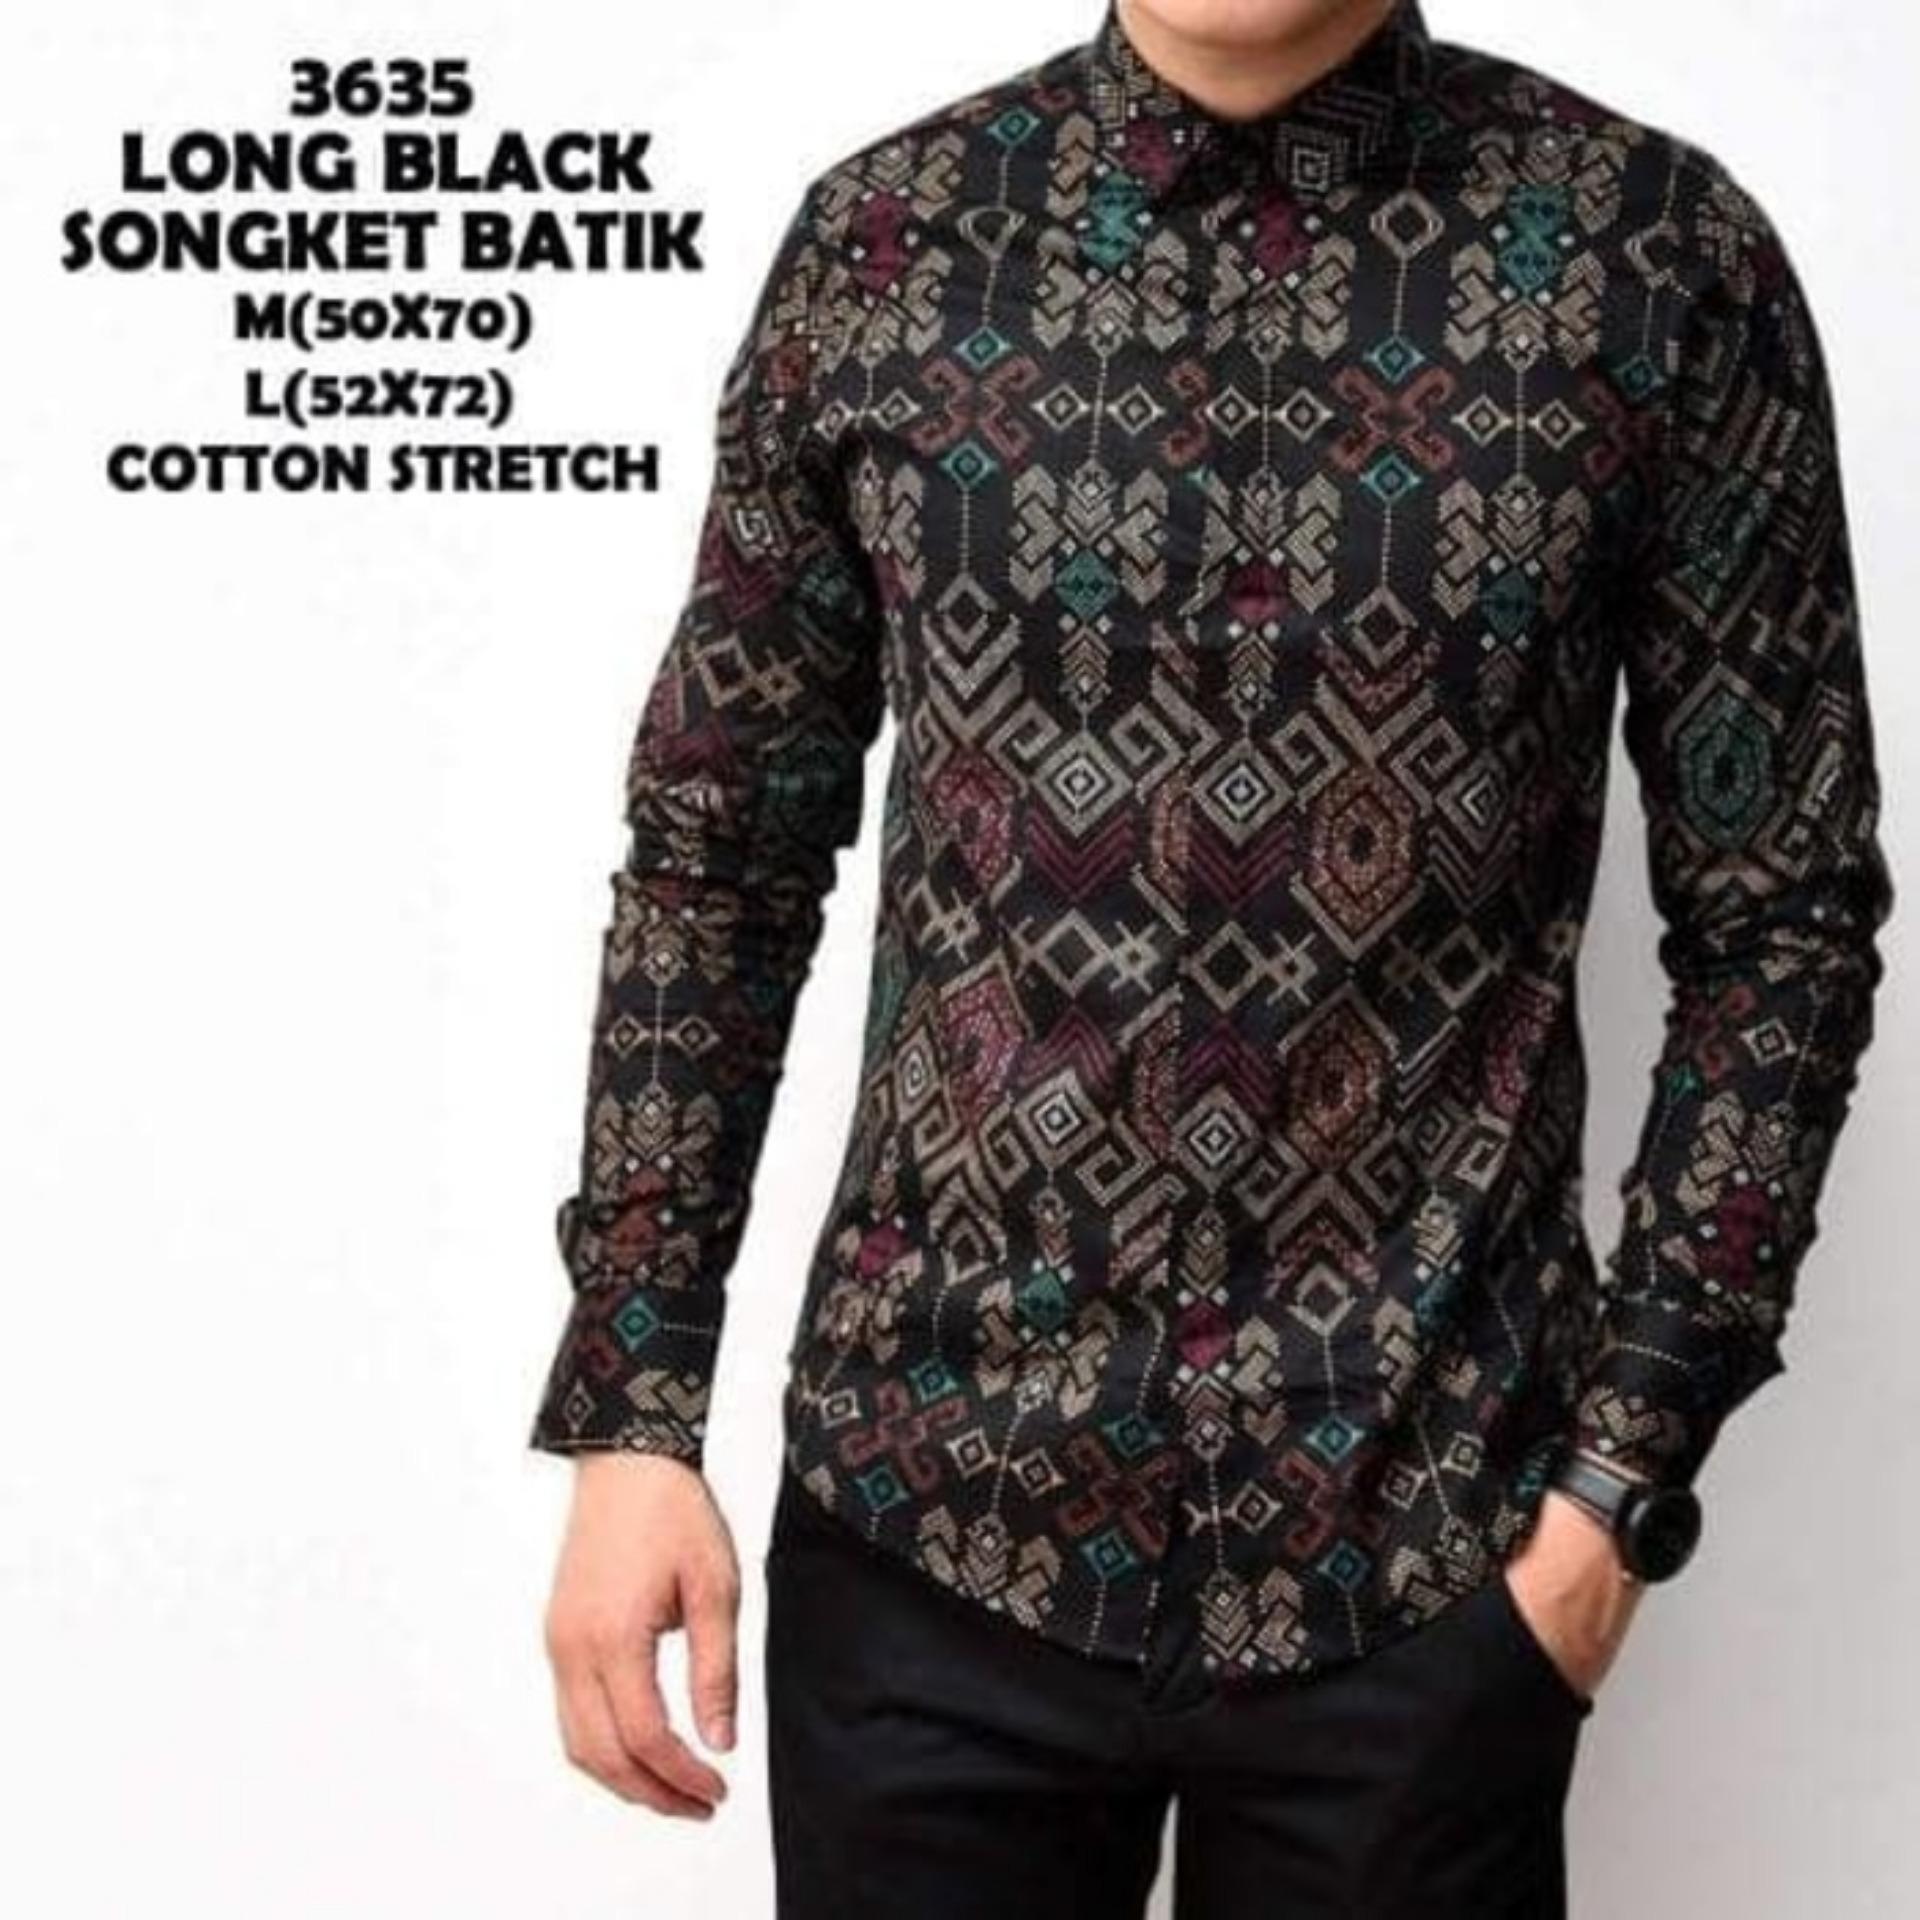 ... Kemeja Batik Songket Pria Black Panjang Kantor Slimfit Baju Batik